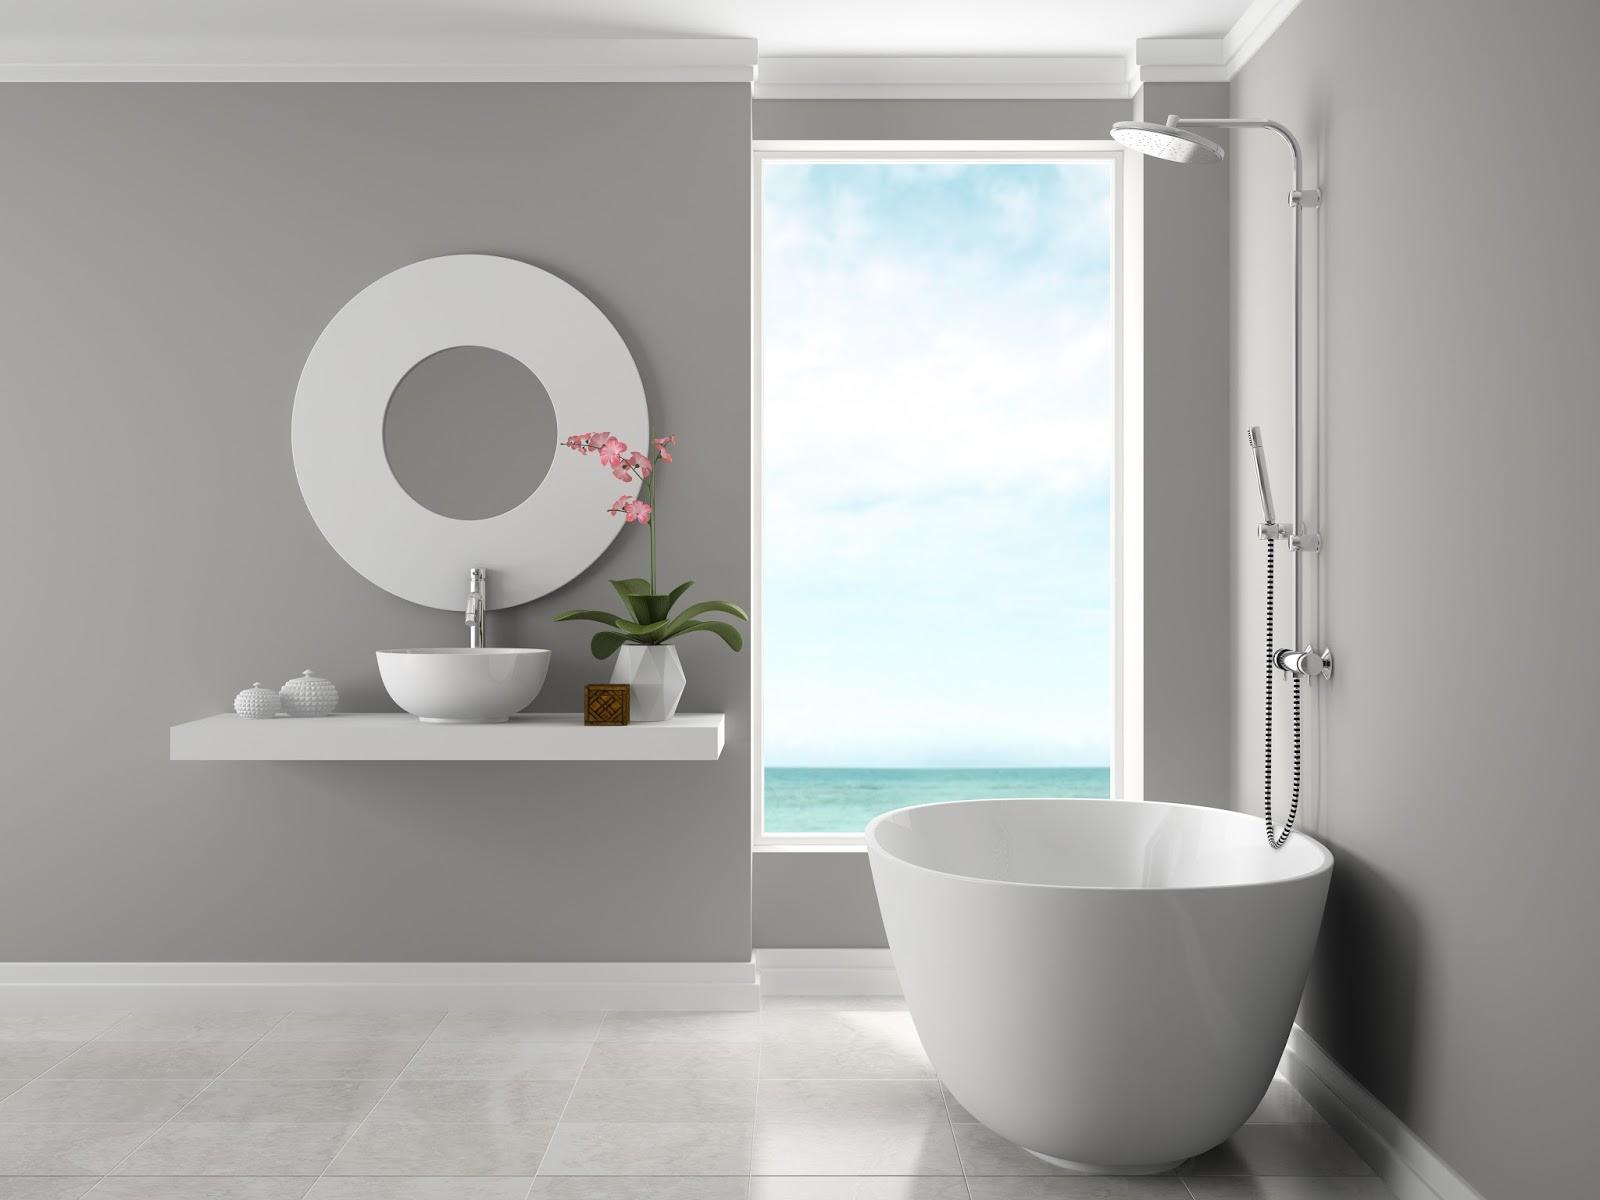 Mobili Per Casa Al Mare : Consigli d arredo mobili bagno per una casa al mare perfetta